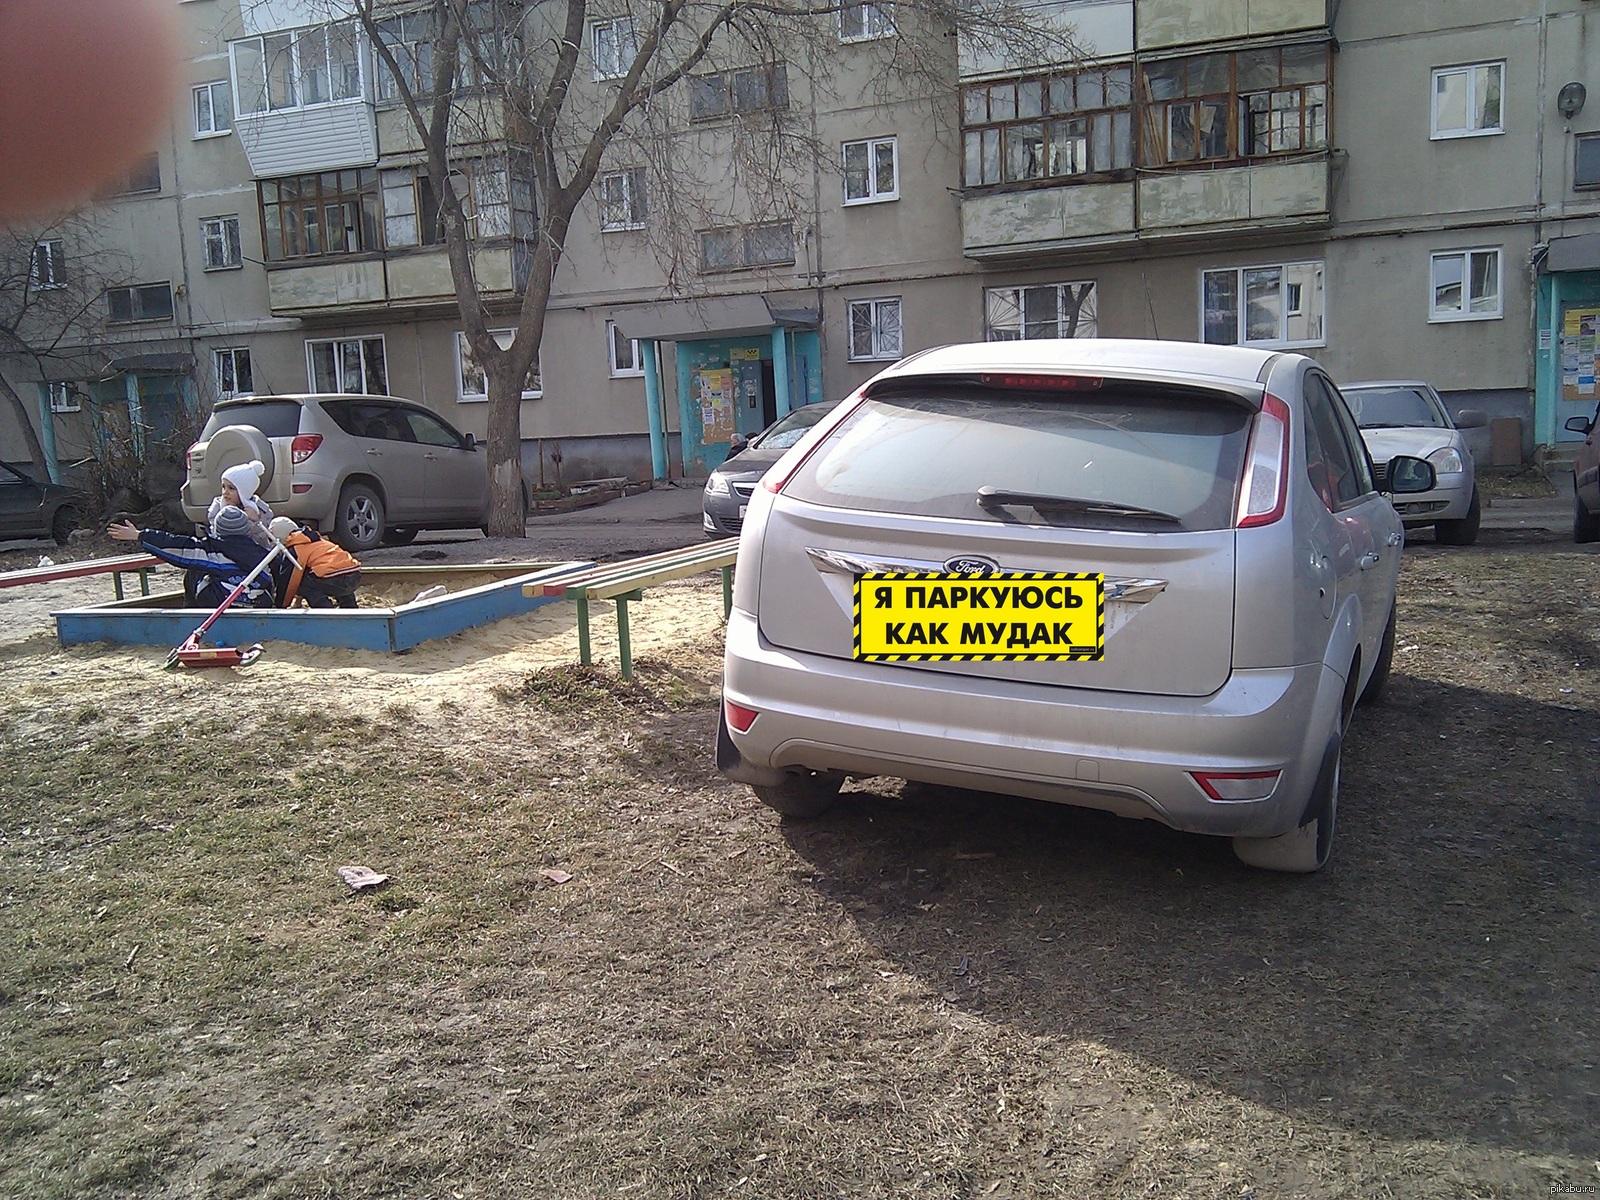 Не паркуйся как мудак картинки